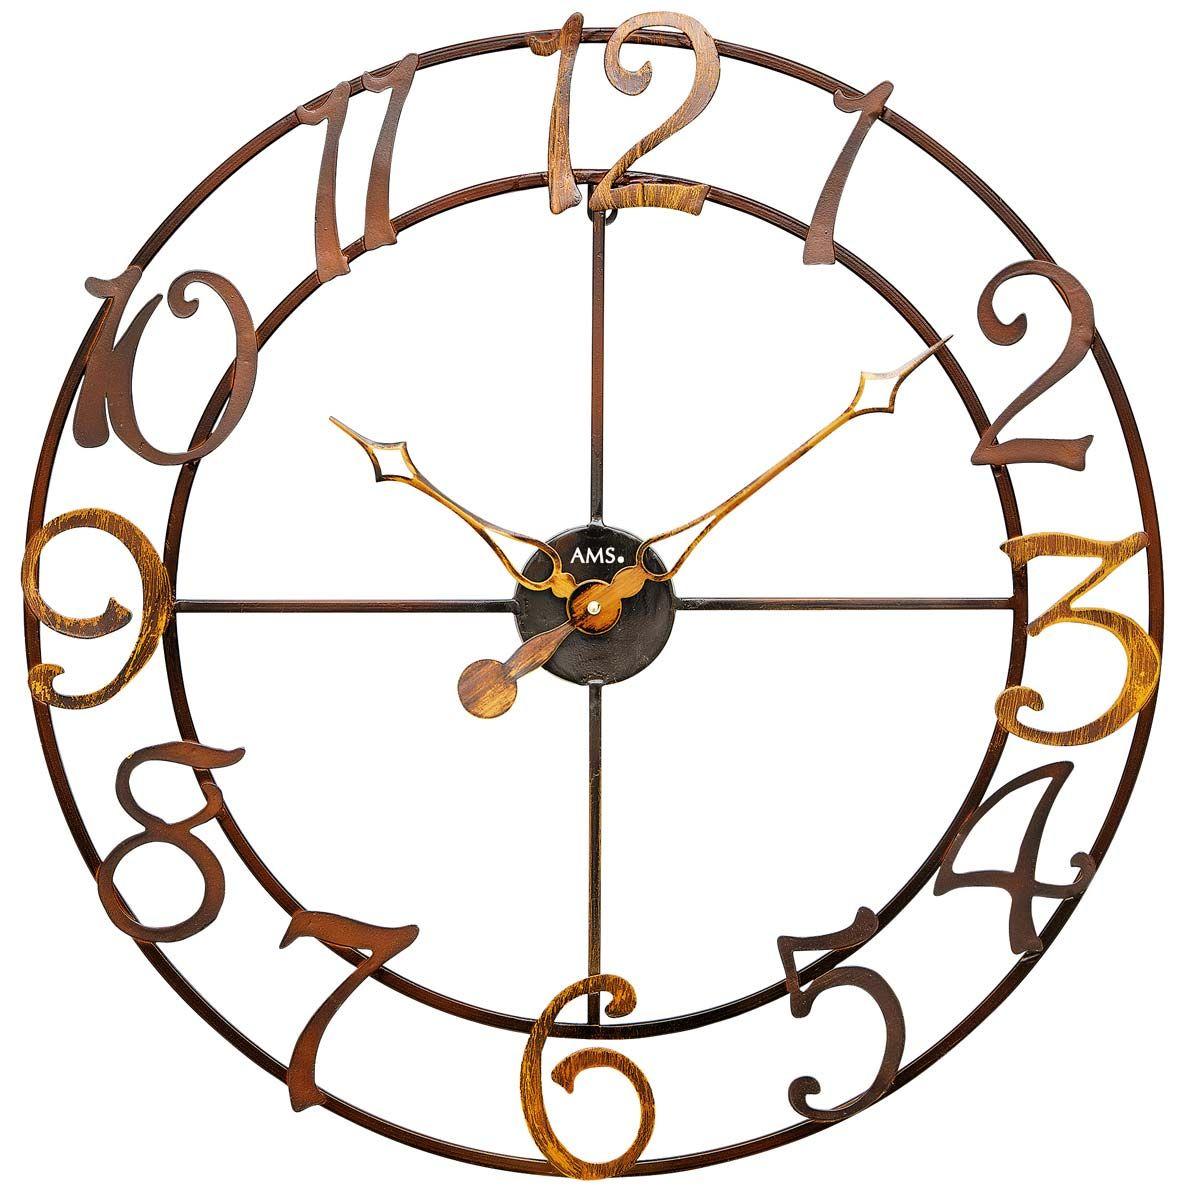 Nástěnné hodiny designové ams 9566 velké kulaté kovové měď